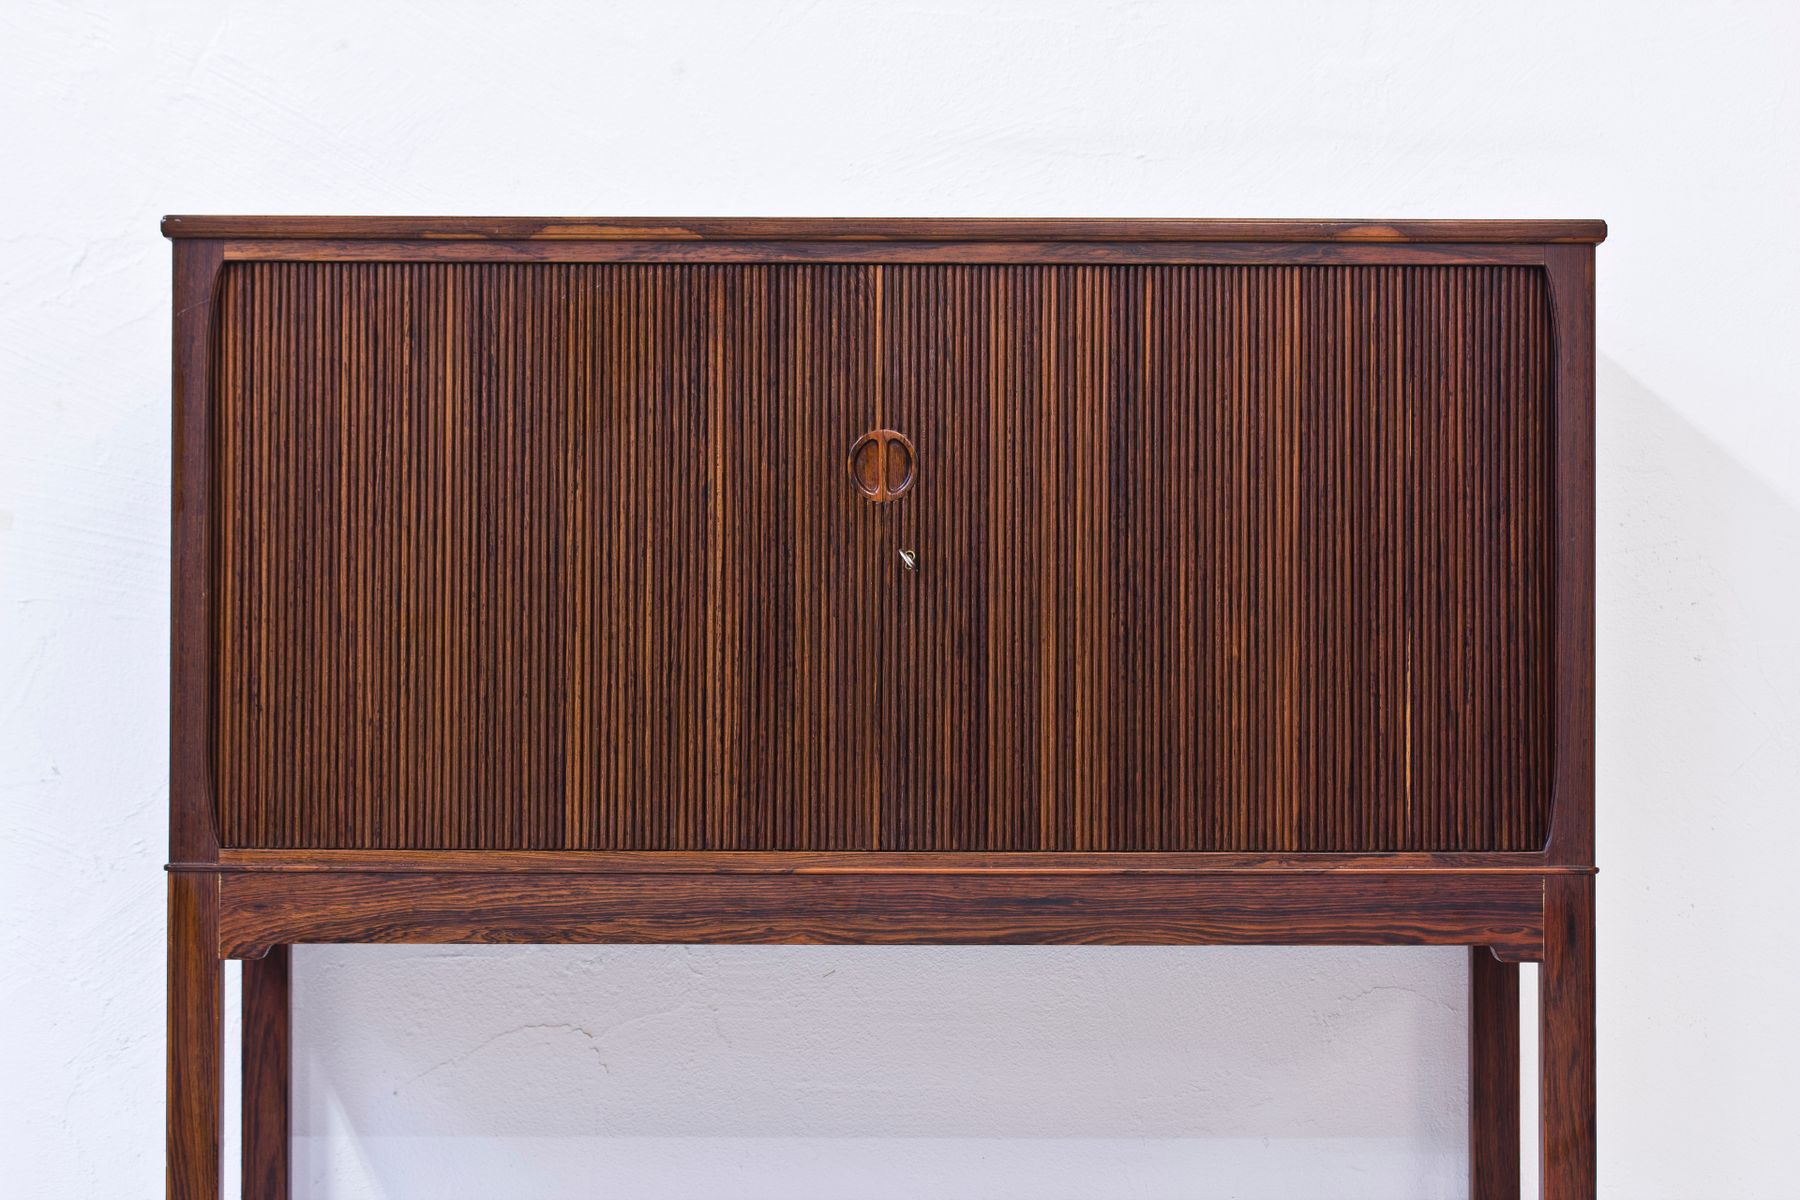 Meuble en palissandre par harald eriksson 1962 en vente - Meuble en palissandre ...